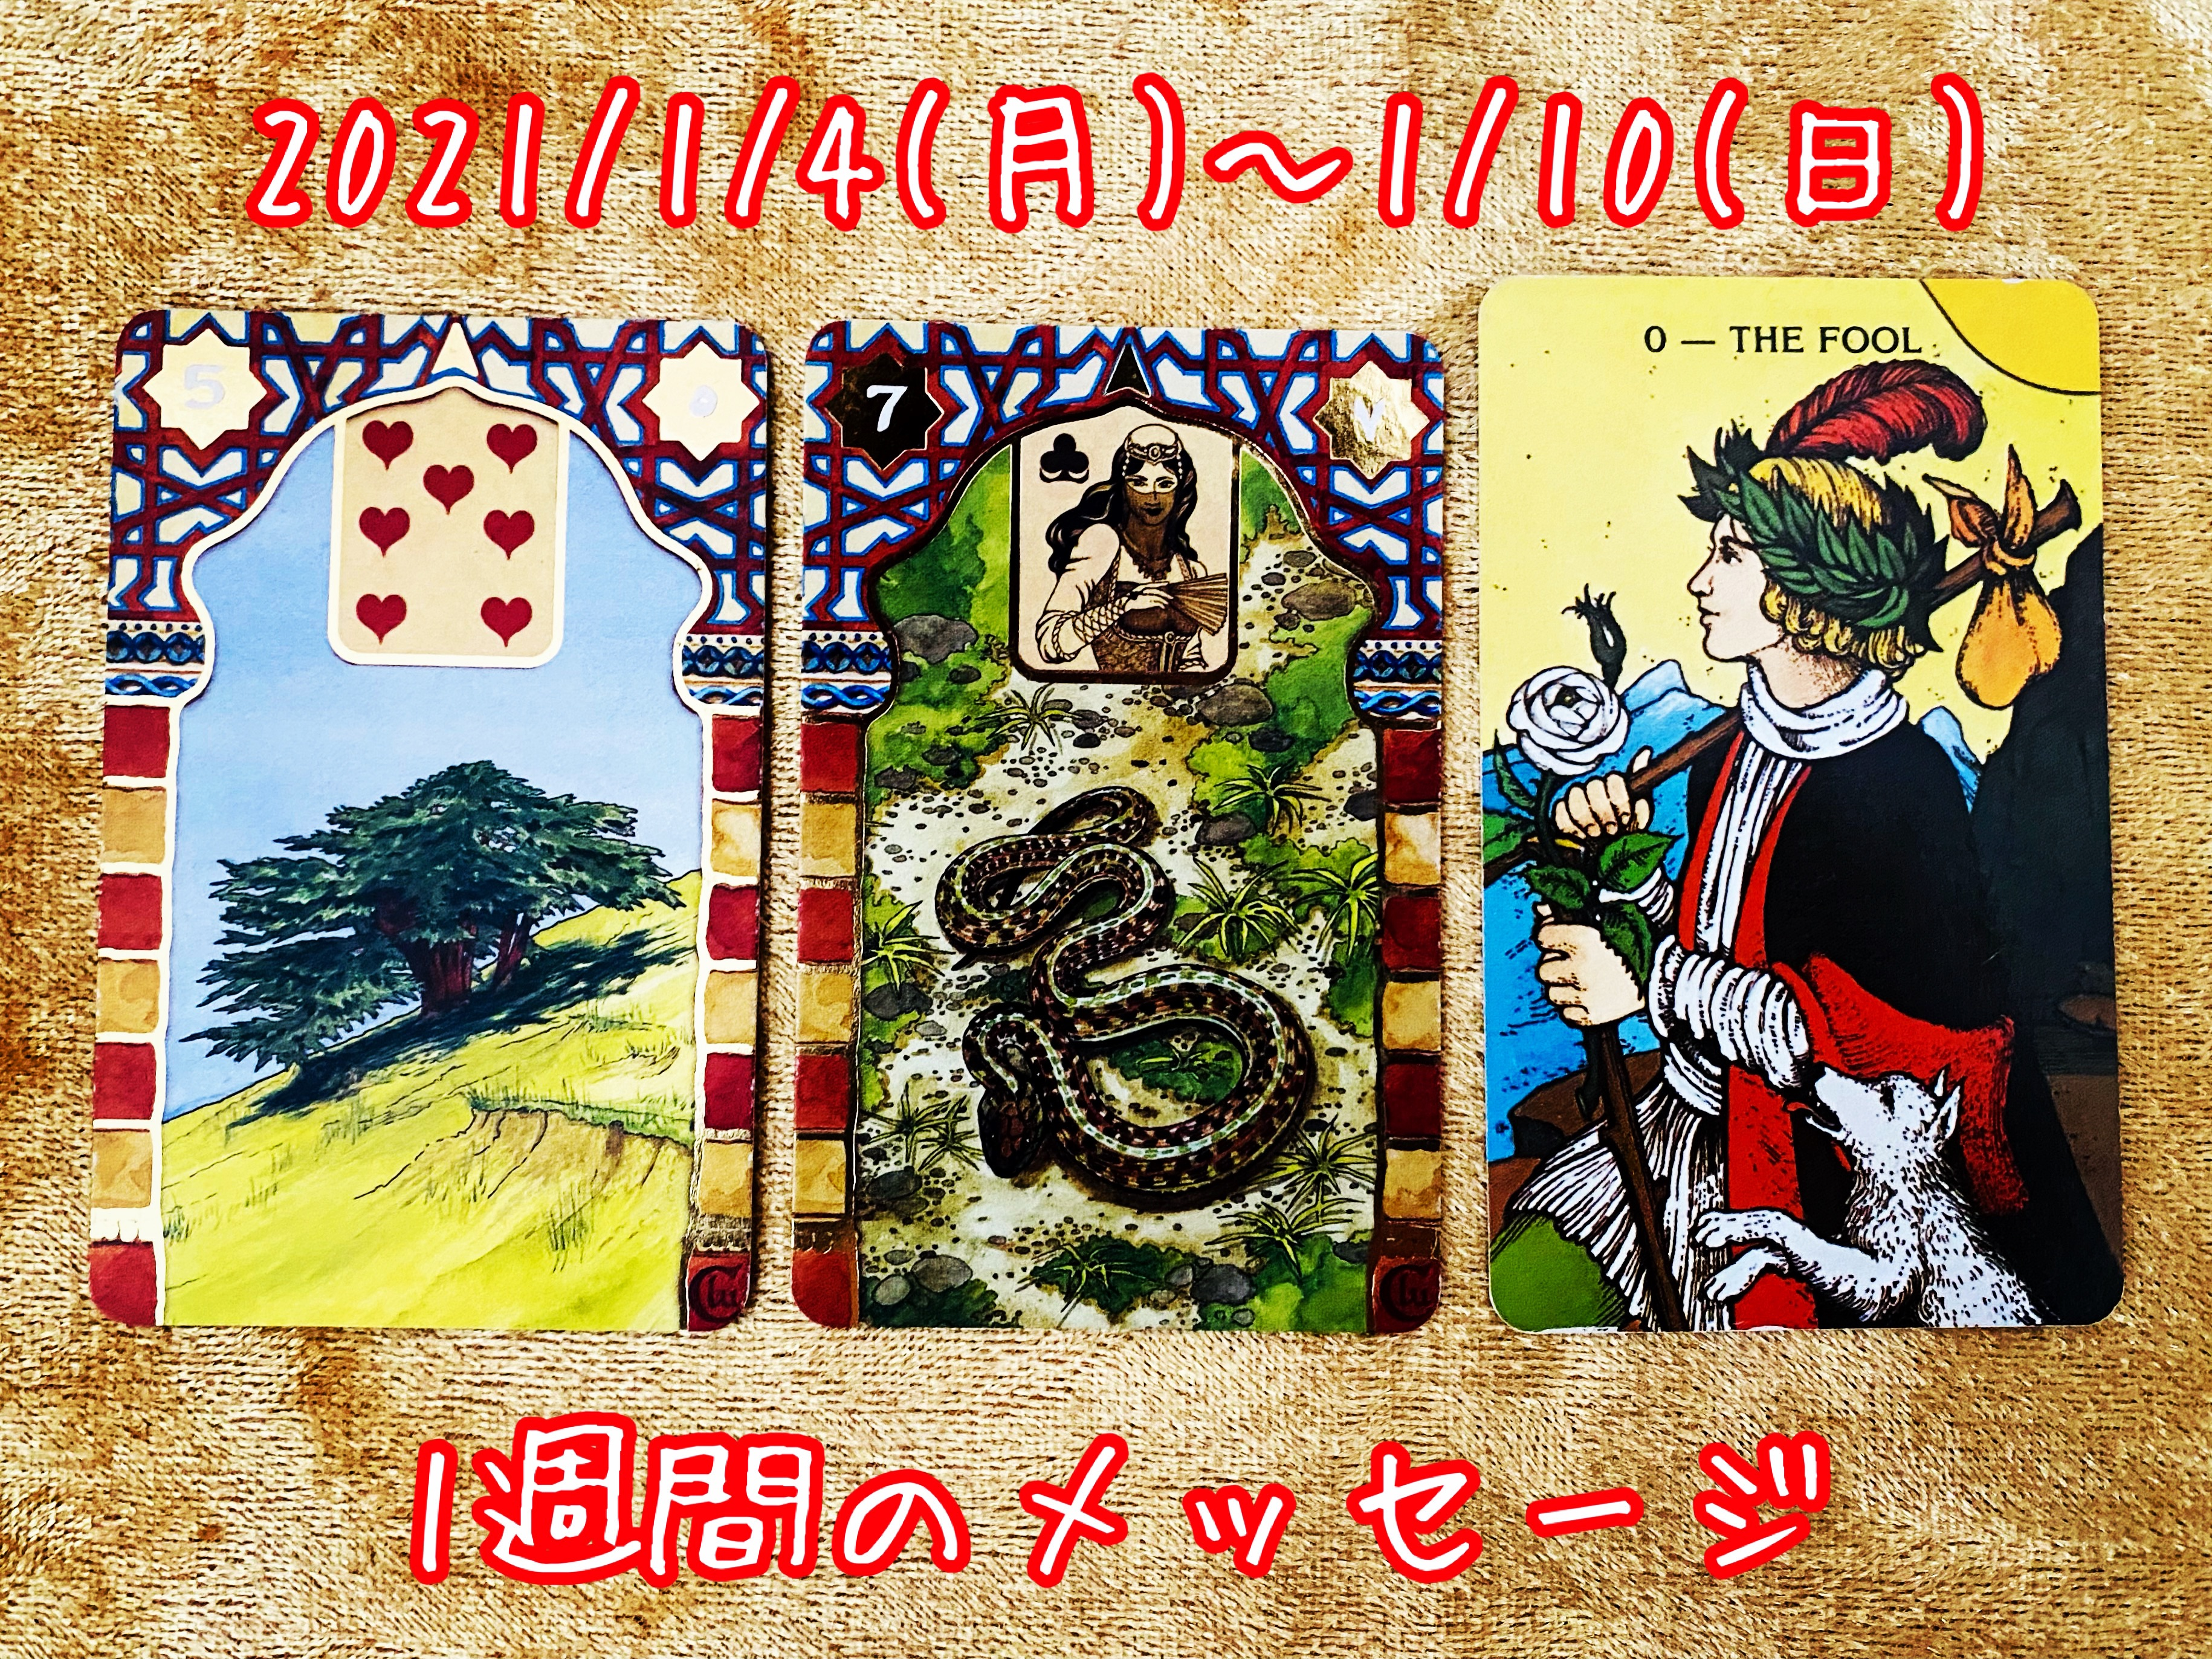 f:id:hana_su-hi:20210103210304j:image